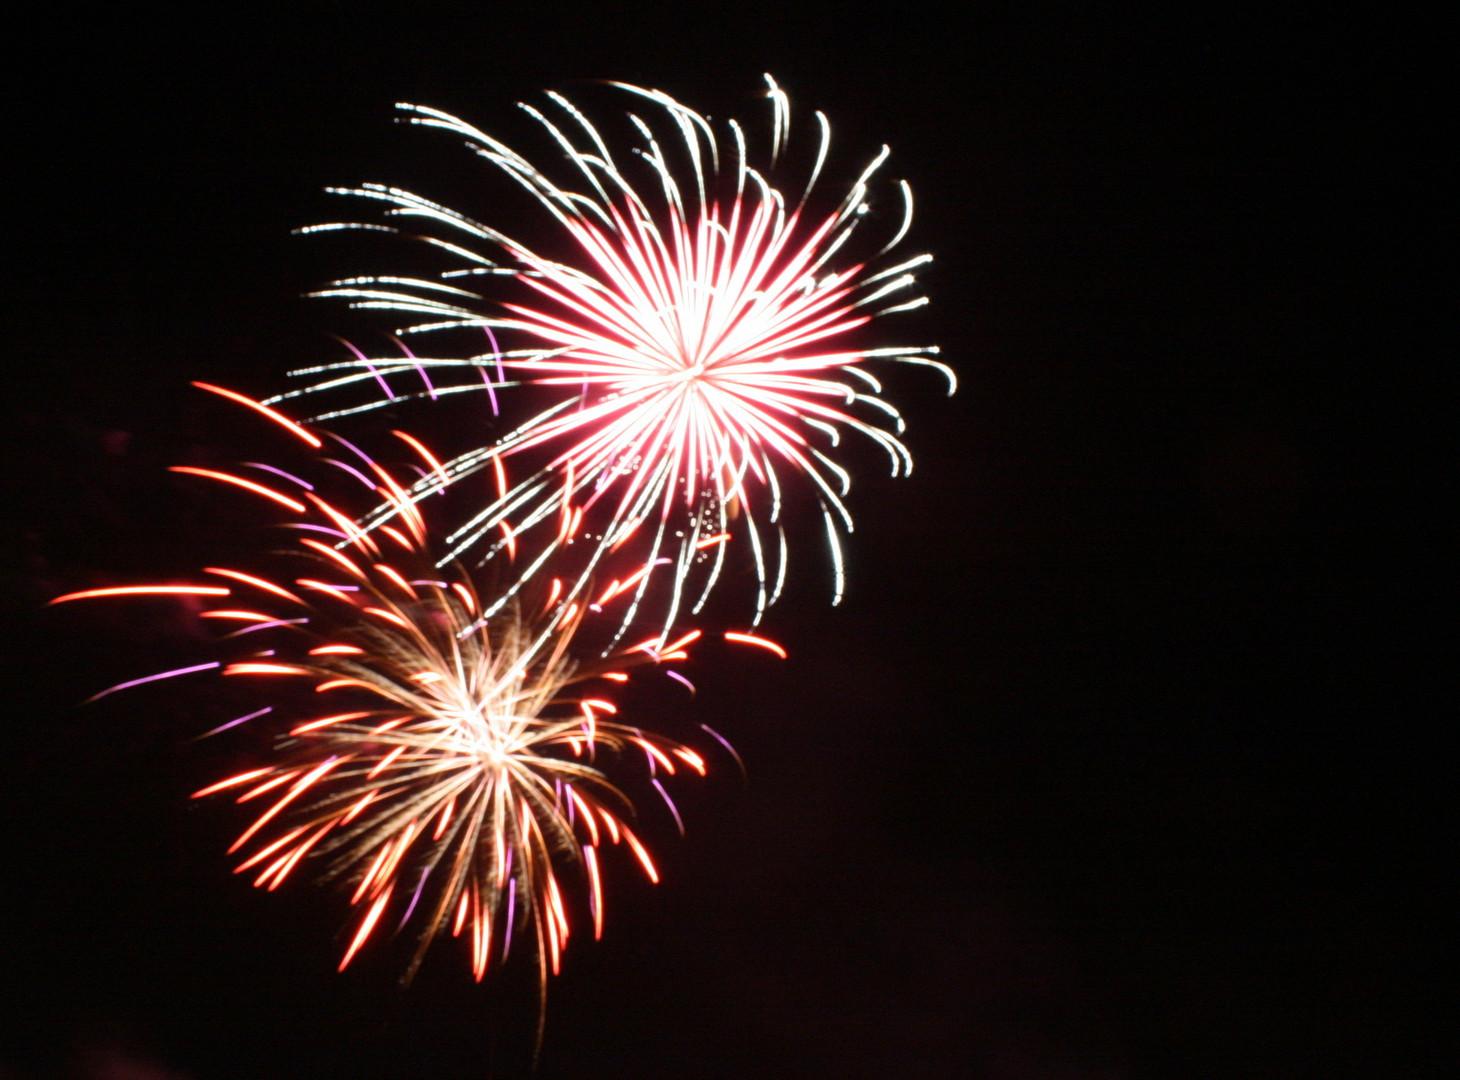 Ich wünsche allen ein glückliches neues Jahr 2011